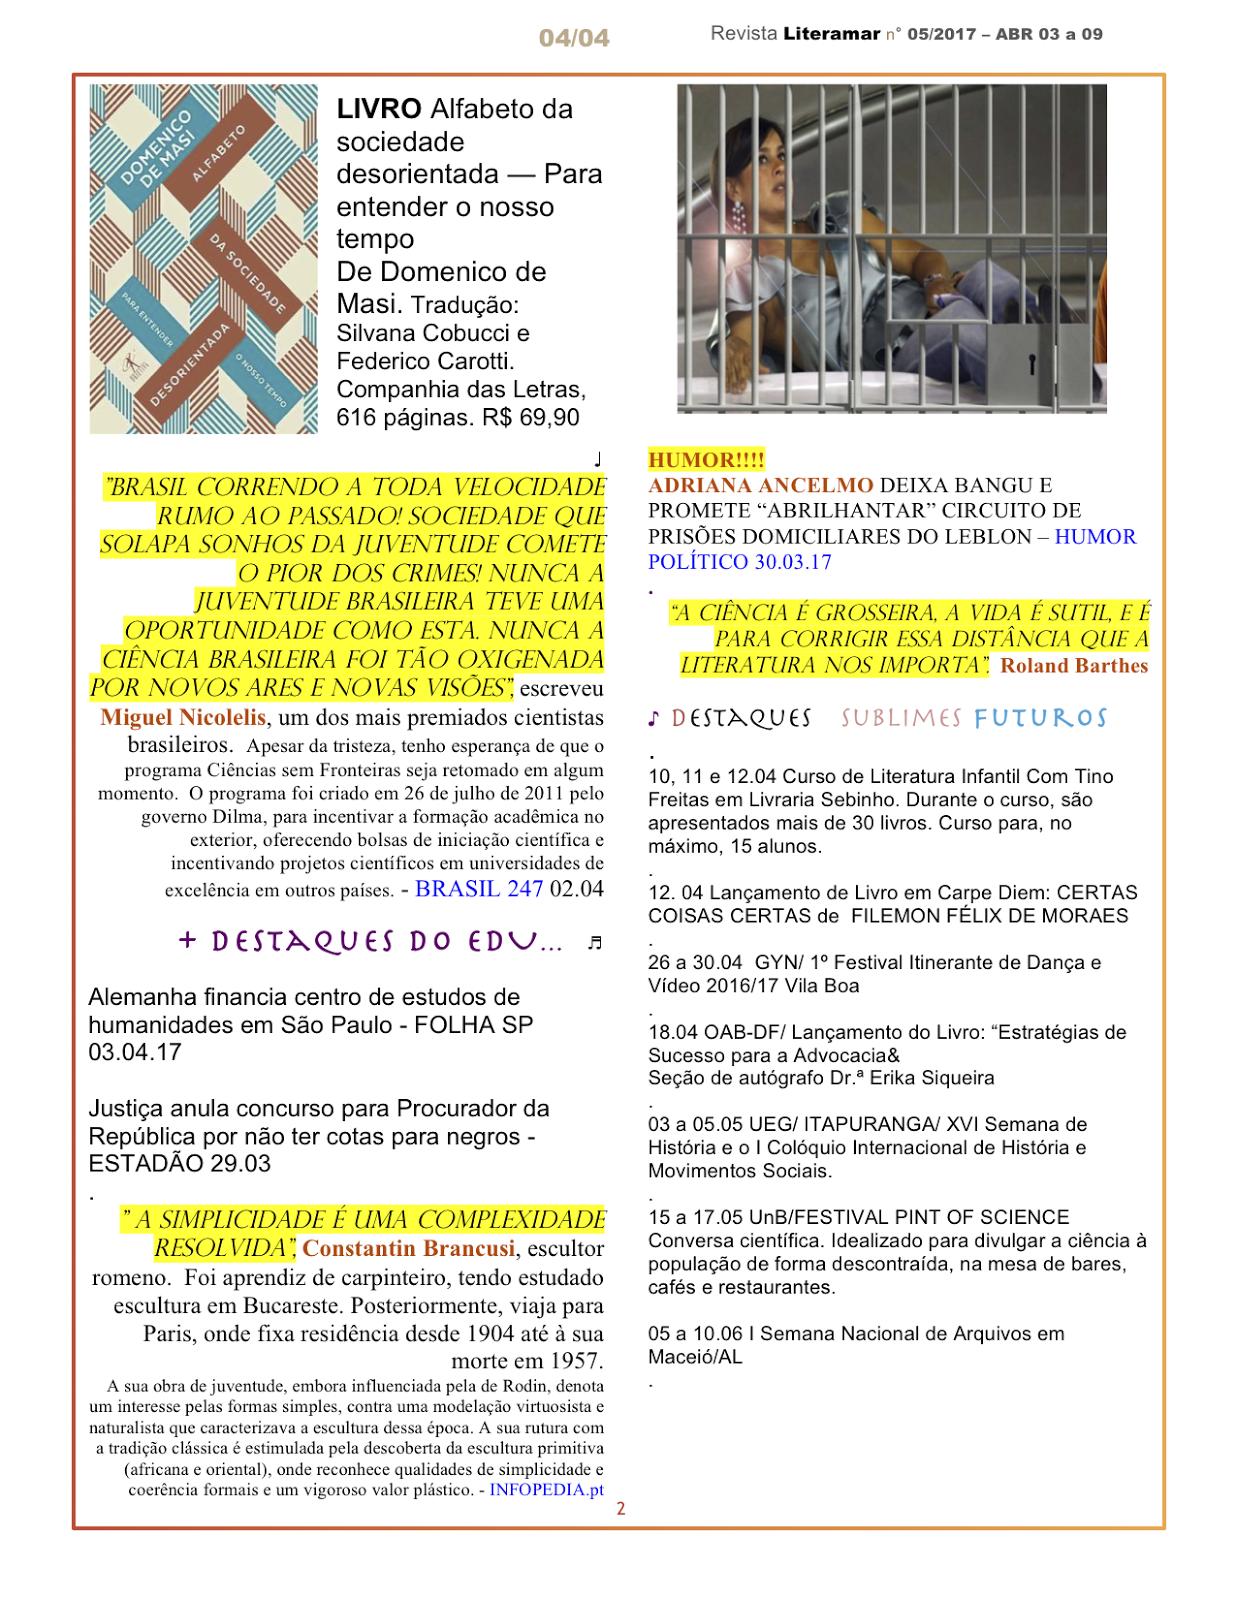 Revista Literamar 4/4 , um encontro cultural em DF, GO e AL